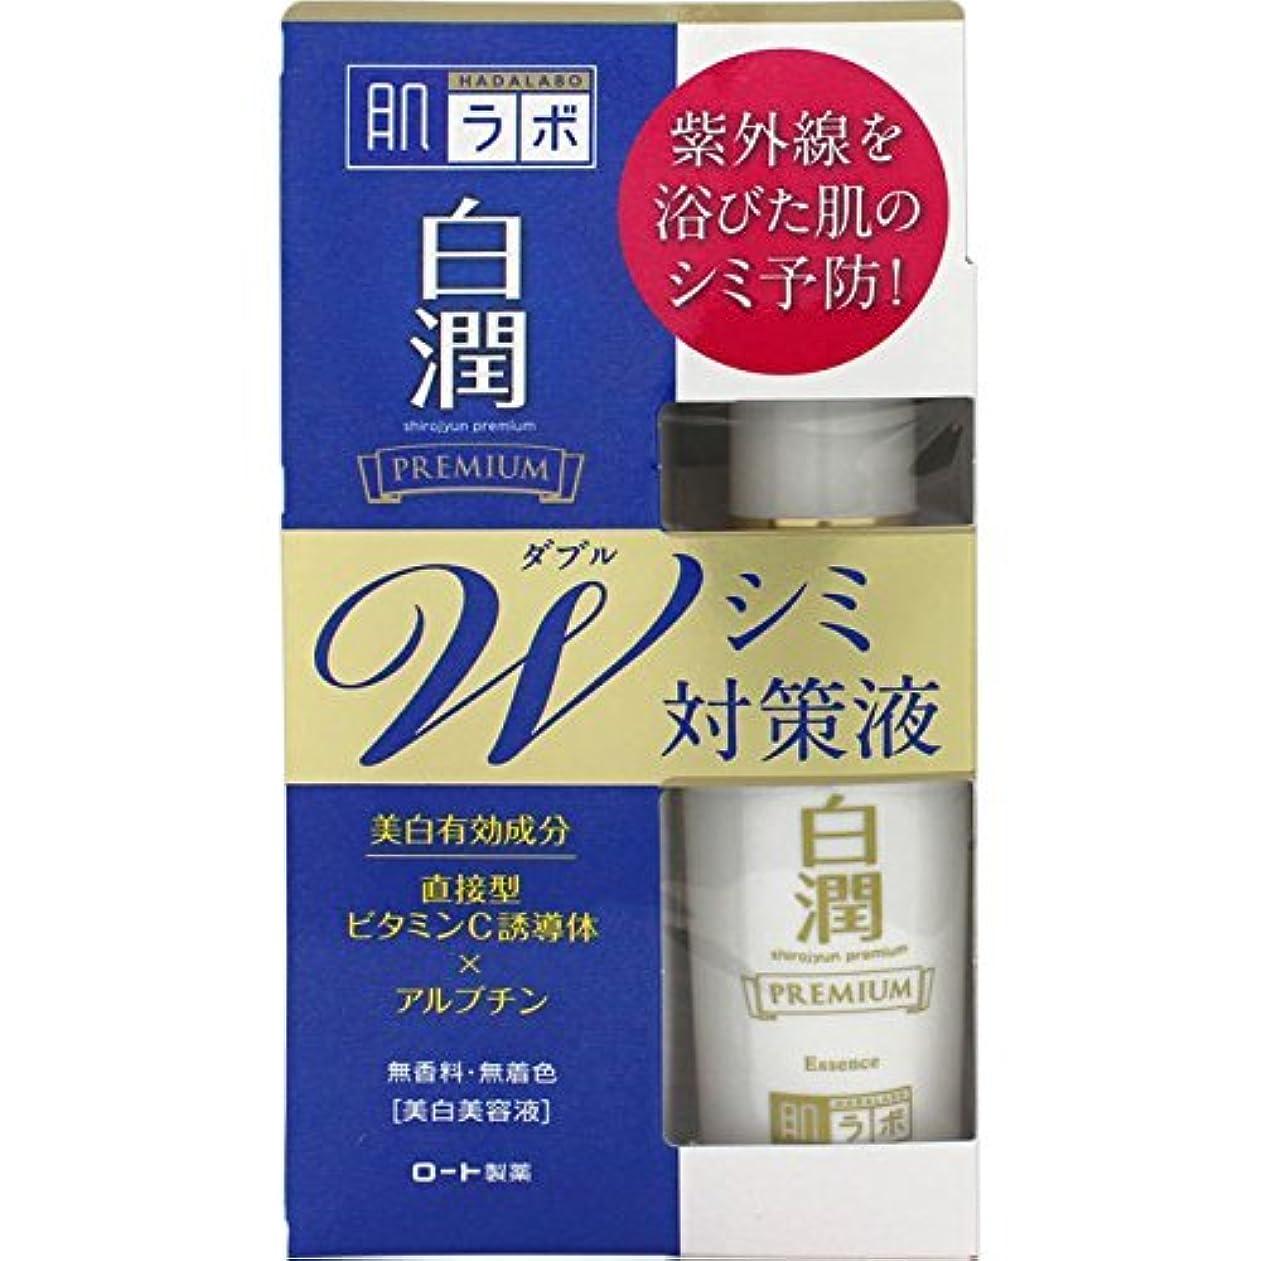 スイッチ従事する未知の肌ラボ 白潤 プレミアムW美白美容液 40mL (医薬部外品)×9